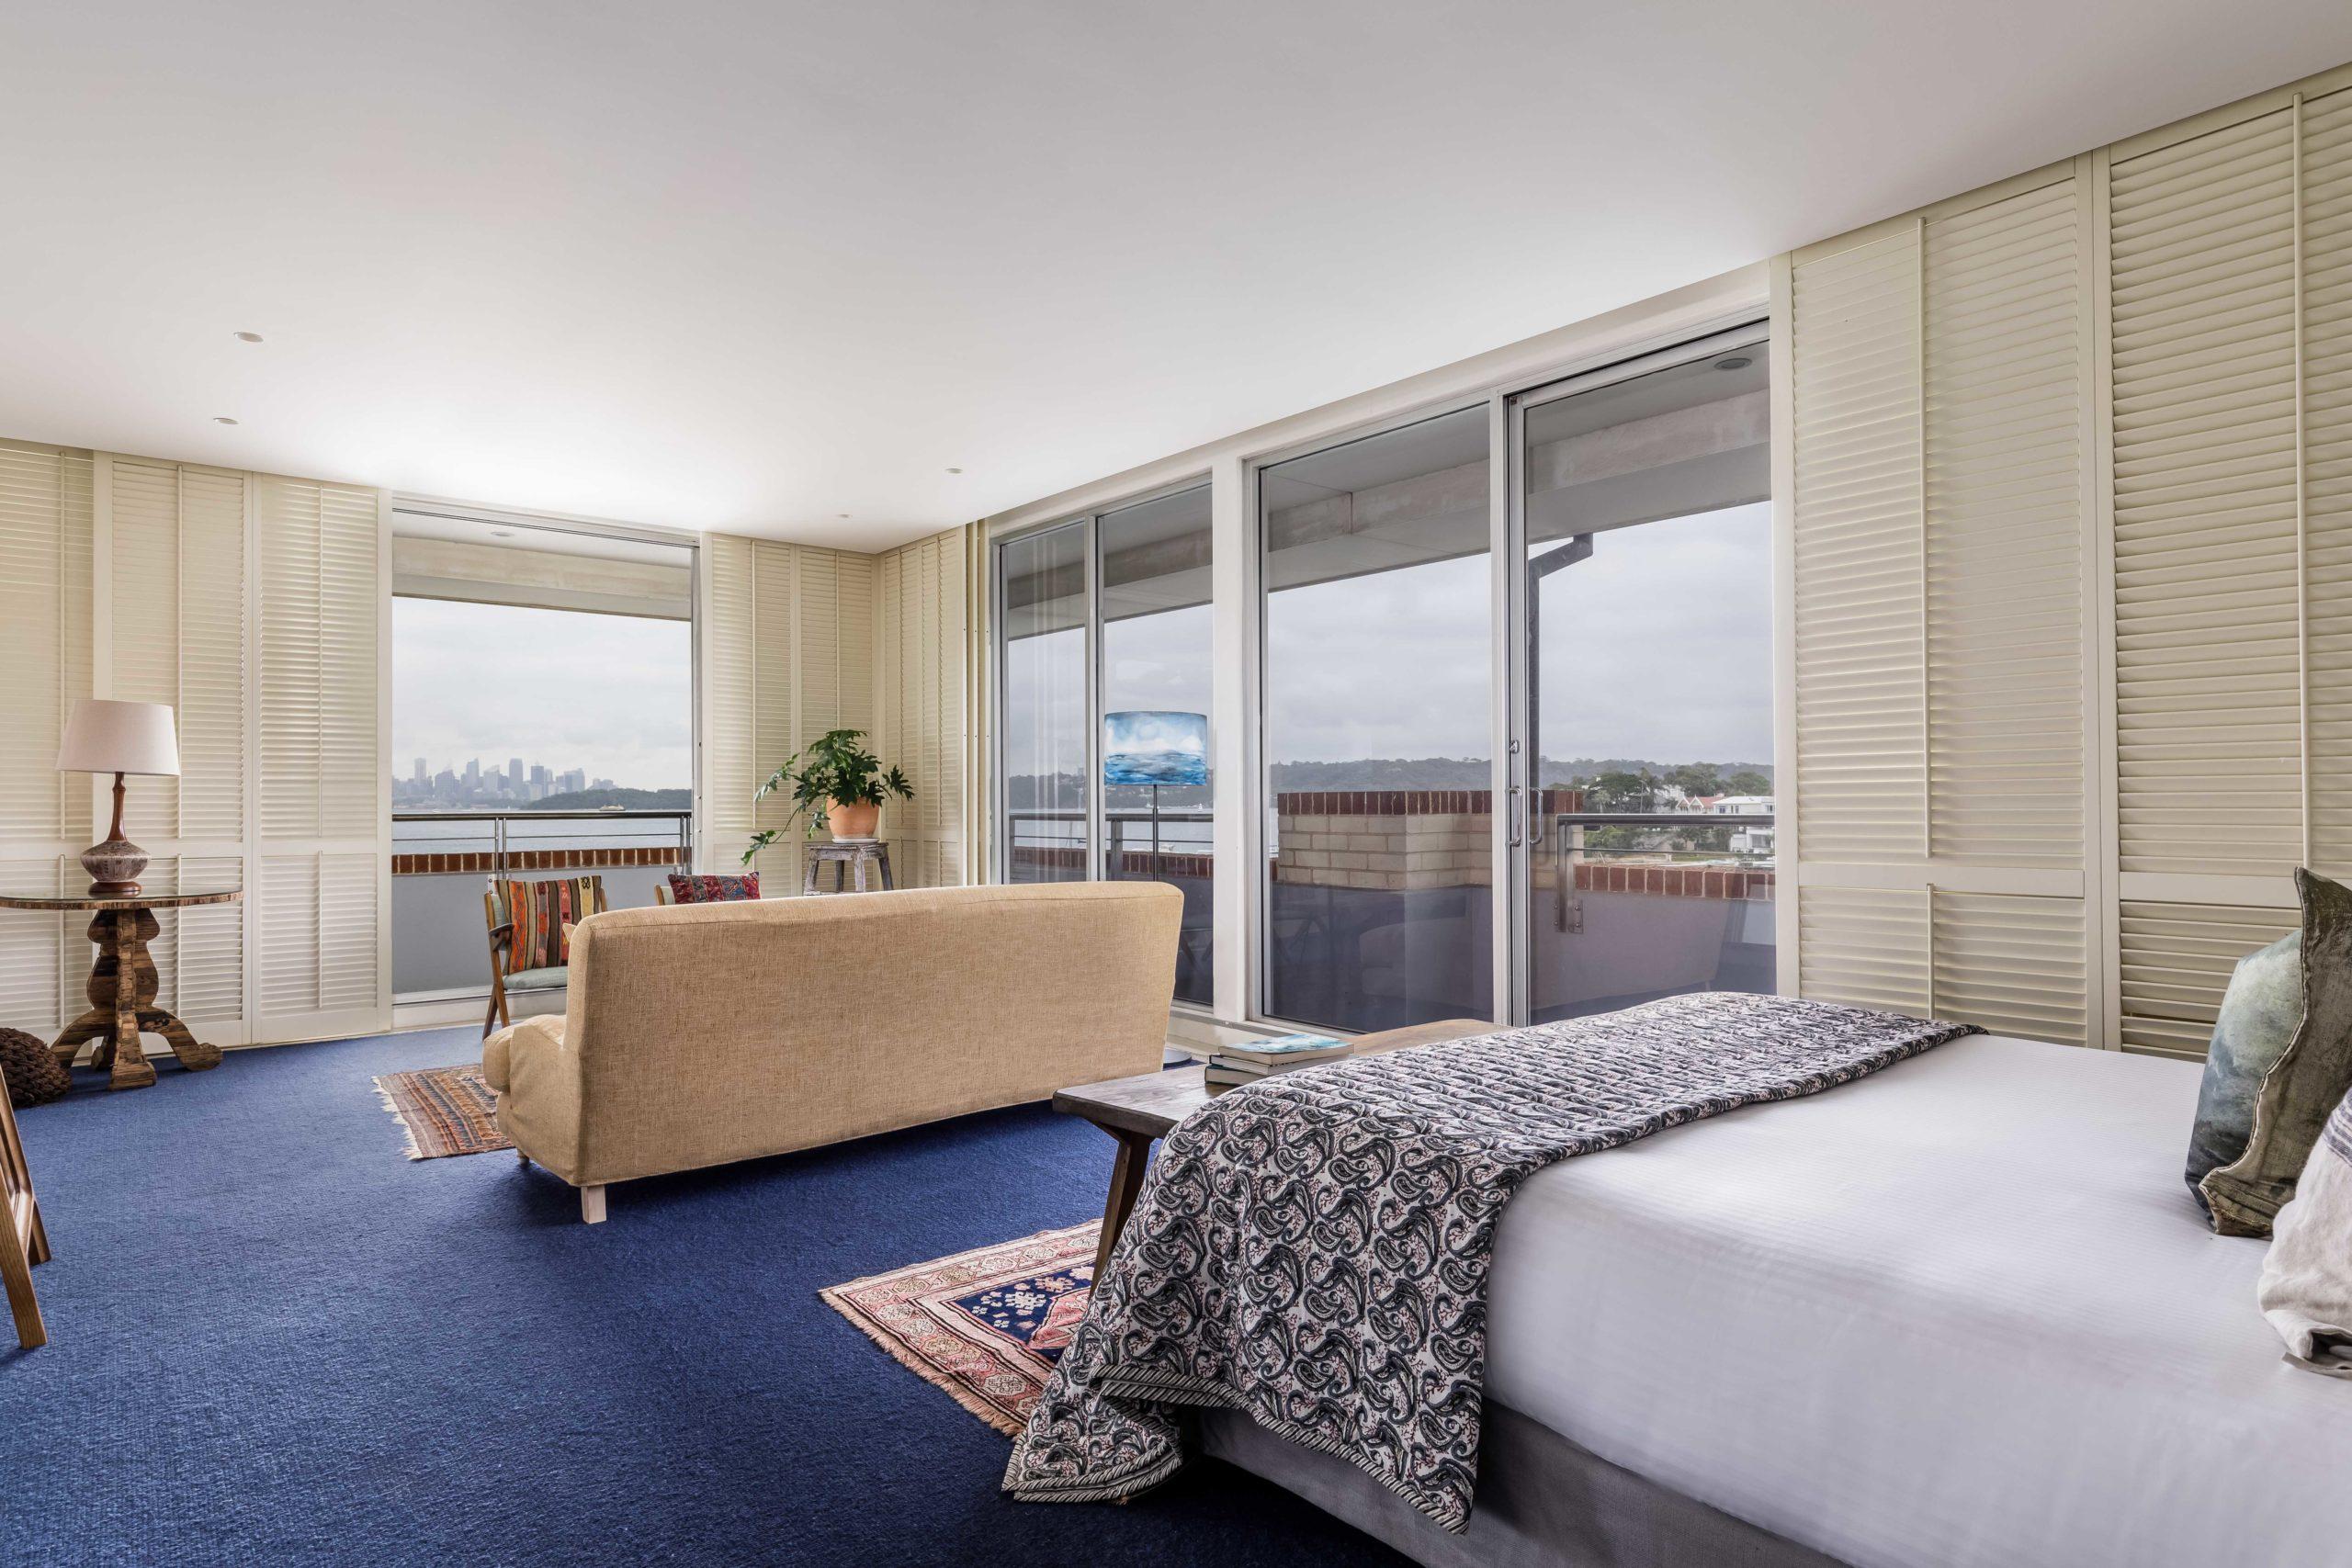 20181220_Watsons Bay Hotel_210_Low 3